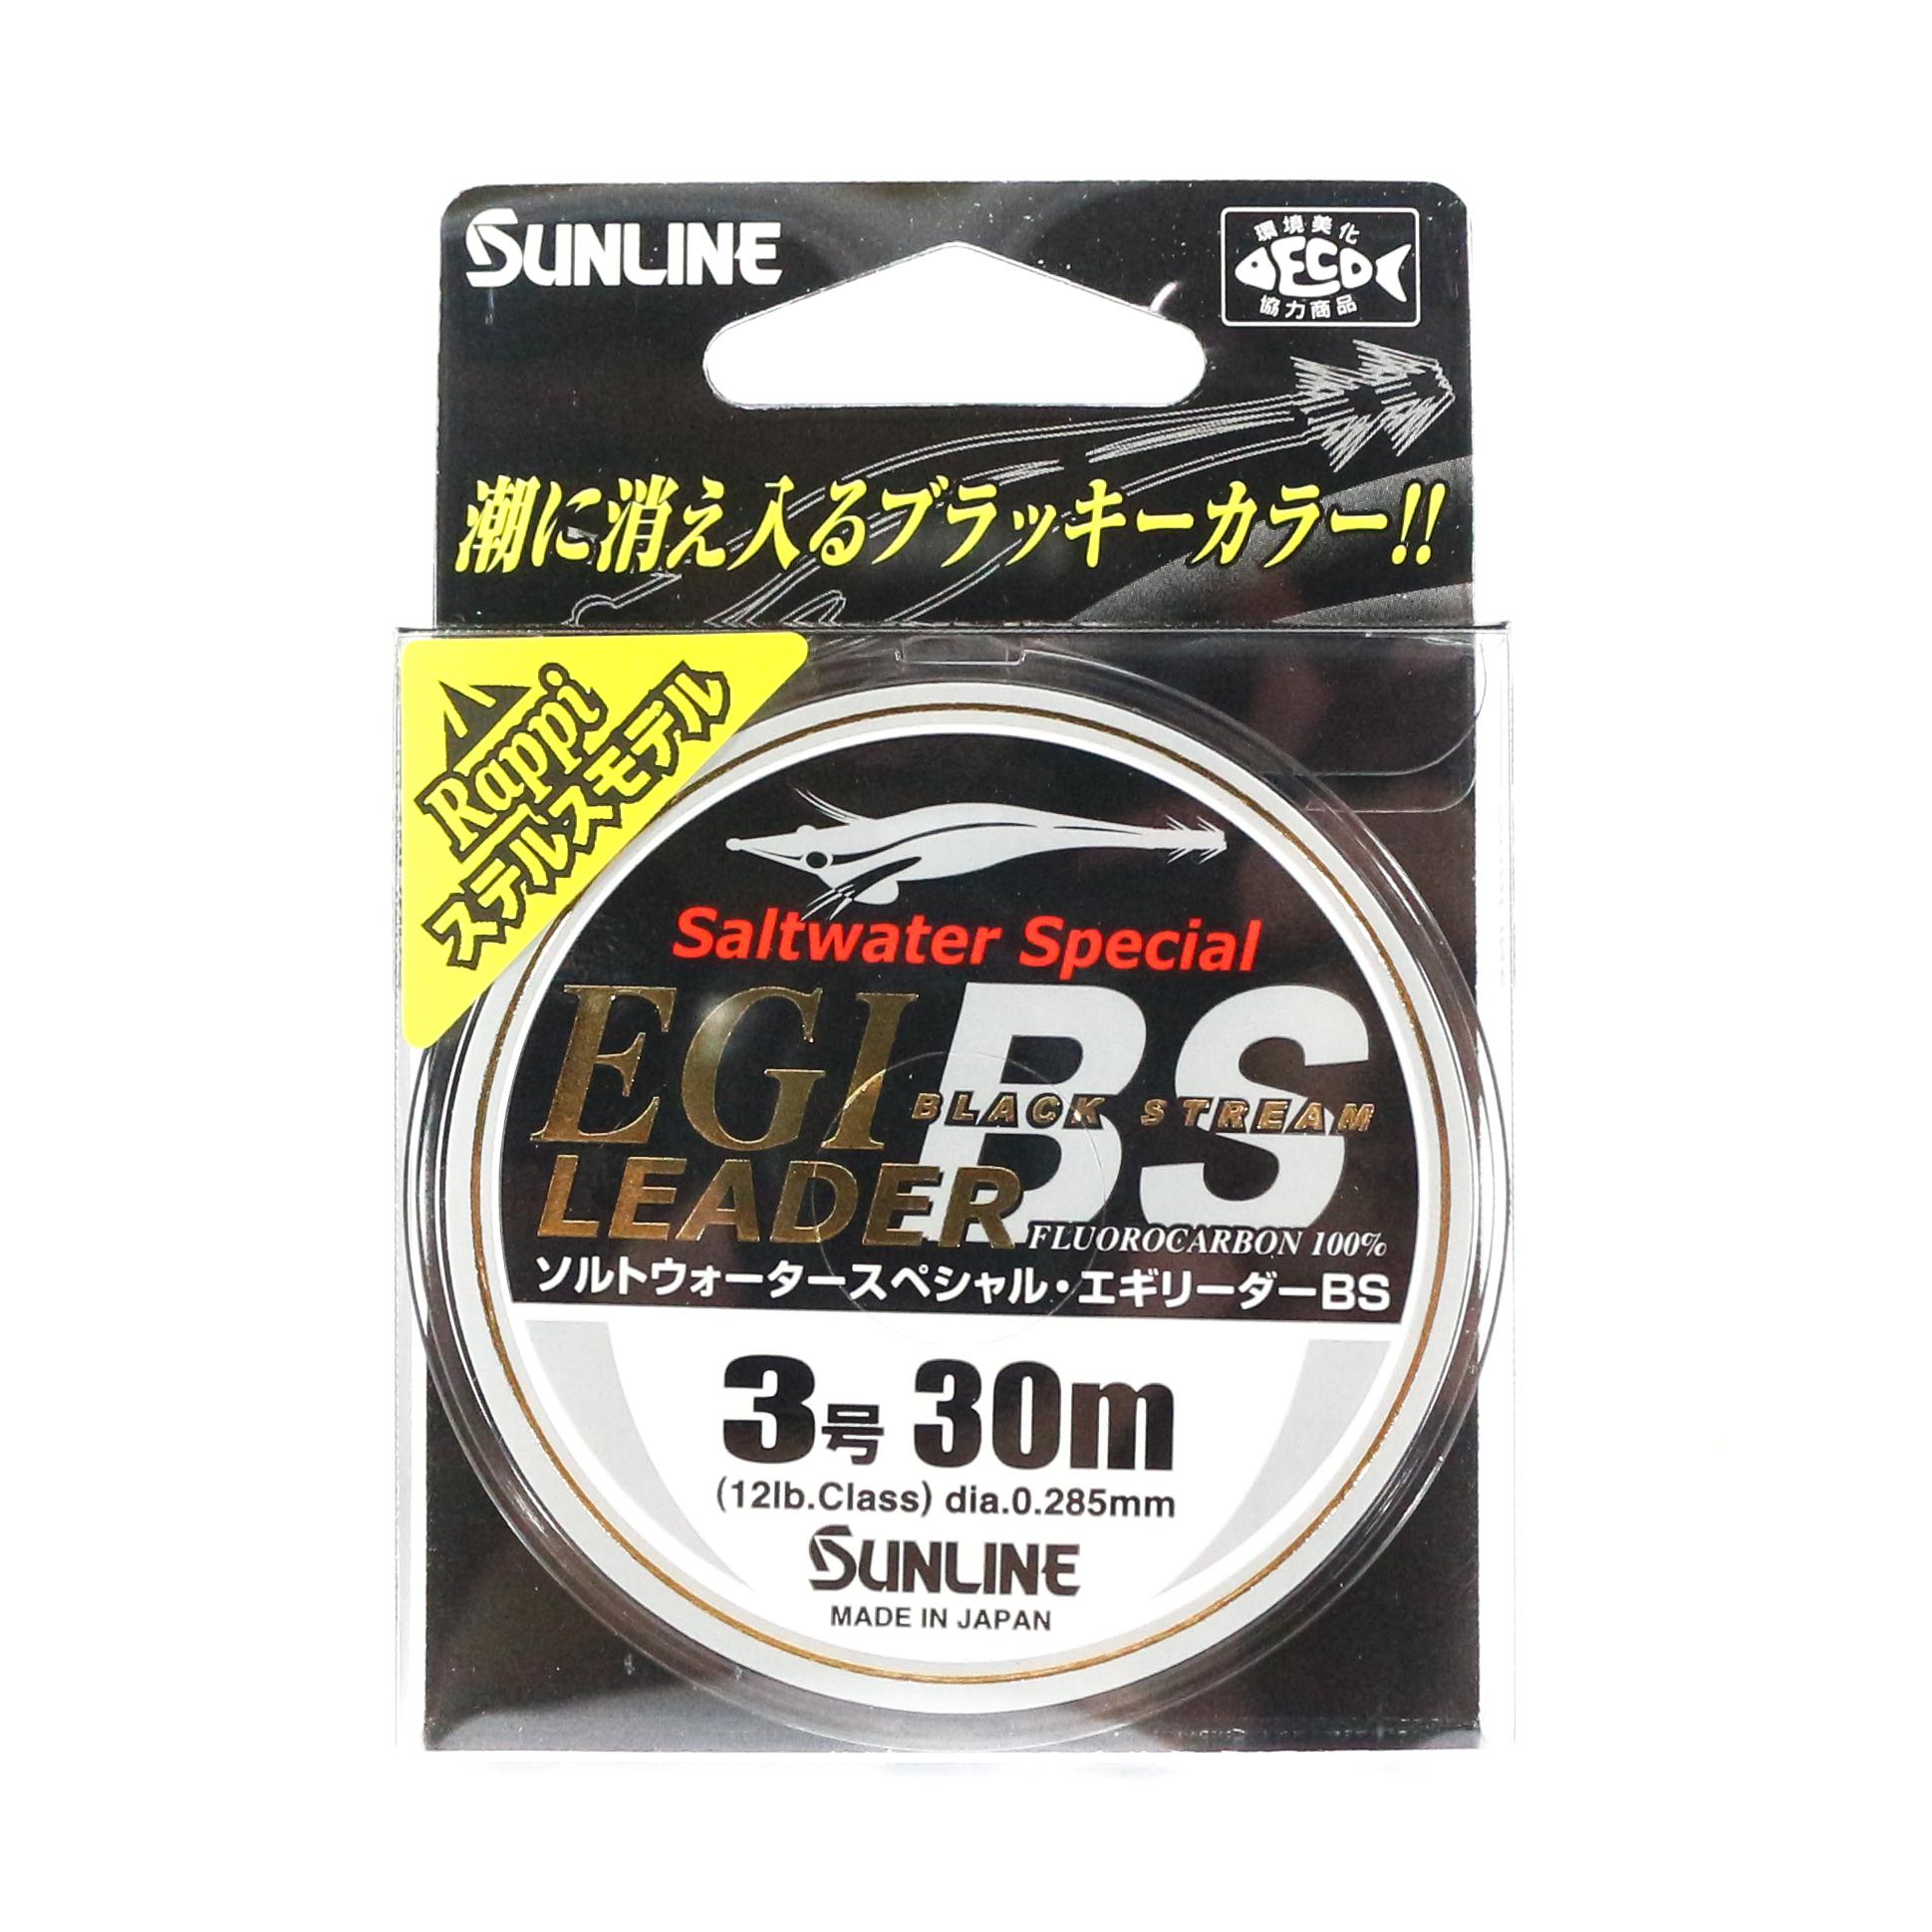 Sunline Fluorocarbon Egi Leader Black Stream 30m #3 12lb (4534)